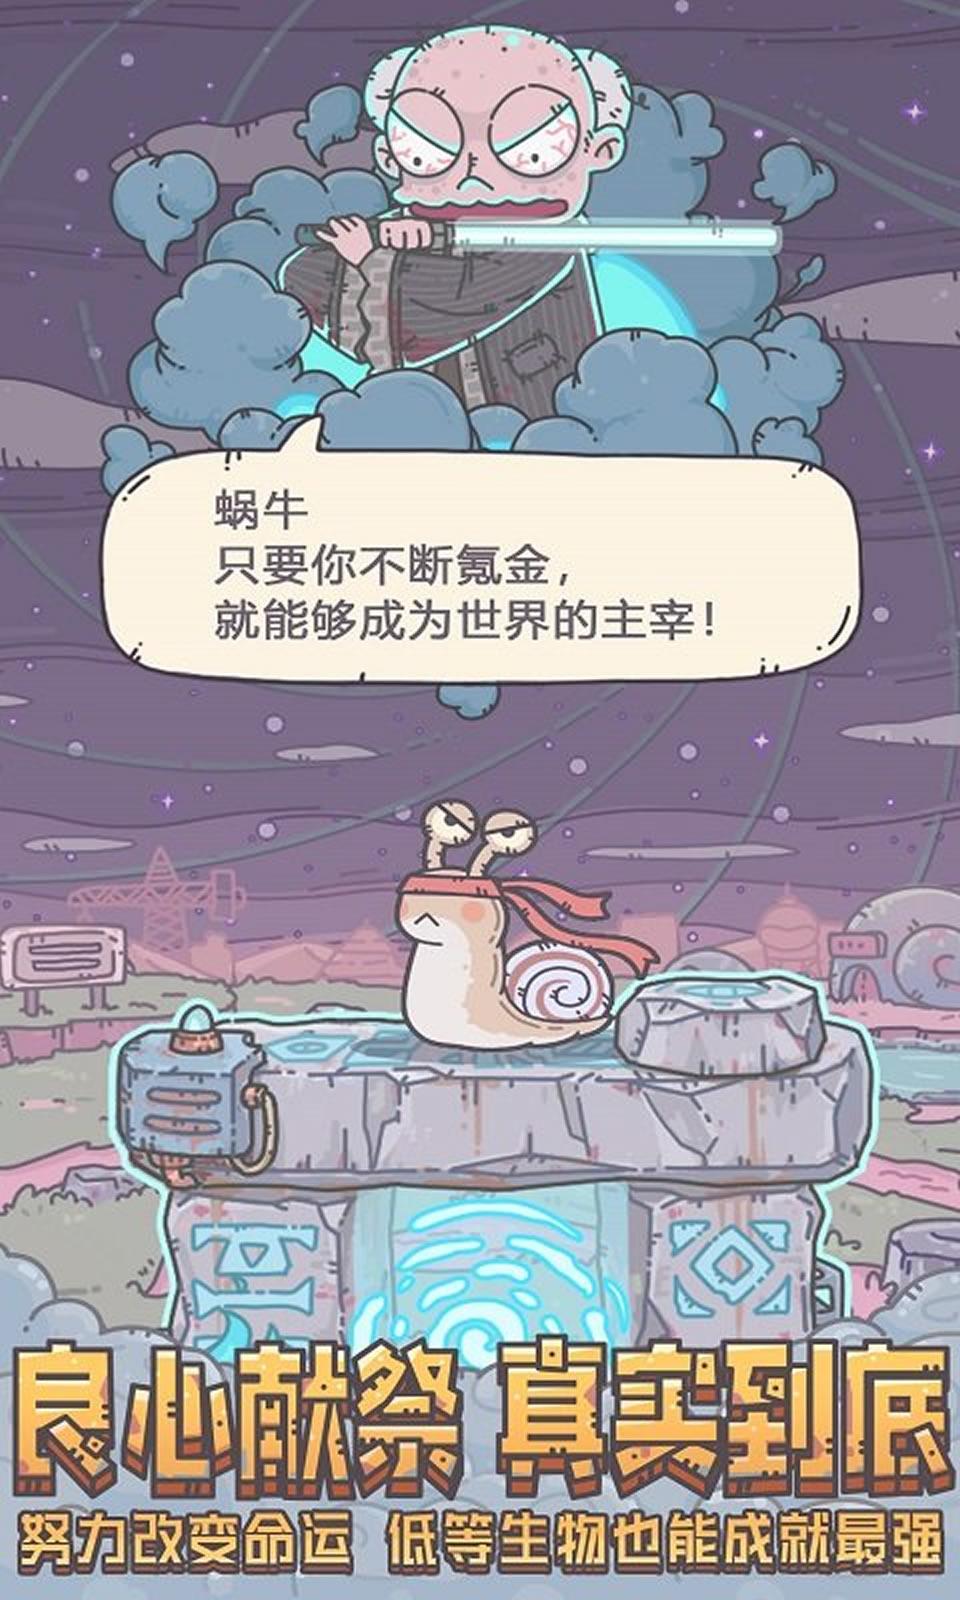 最强蜗牛破解版内购版游戏截图